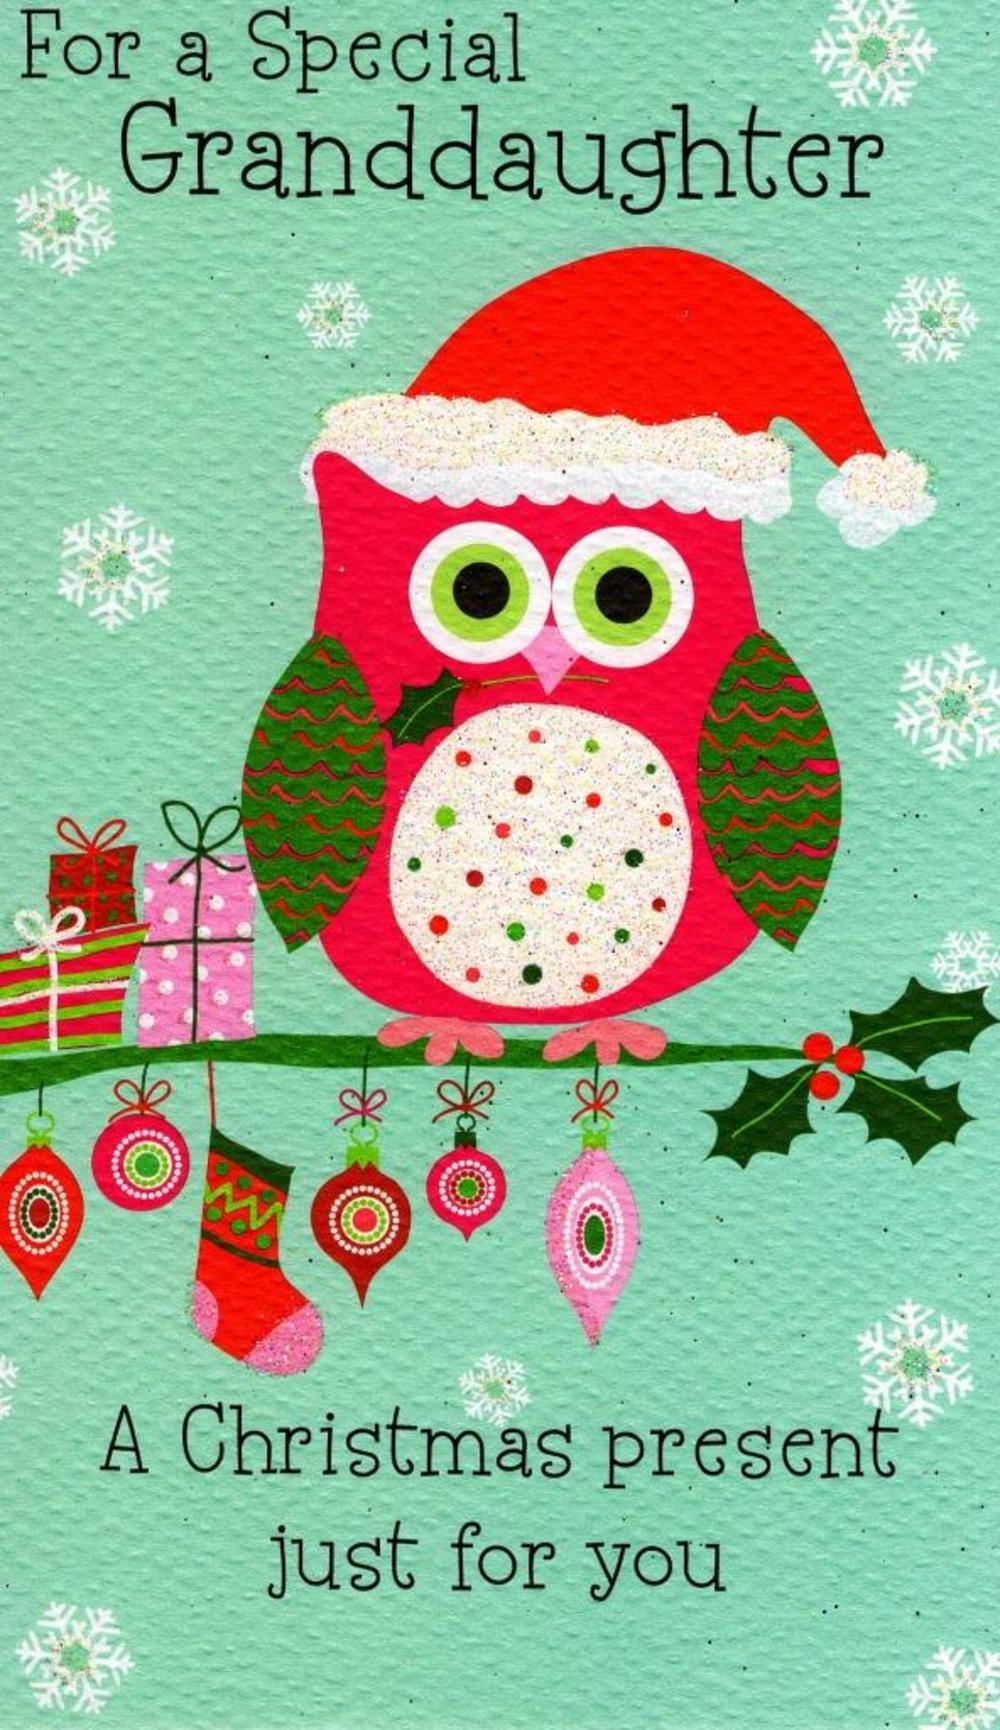 Granddaughter Moneyholder Christmas Gift Card